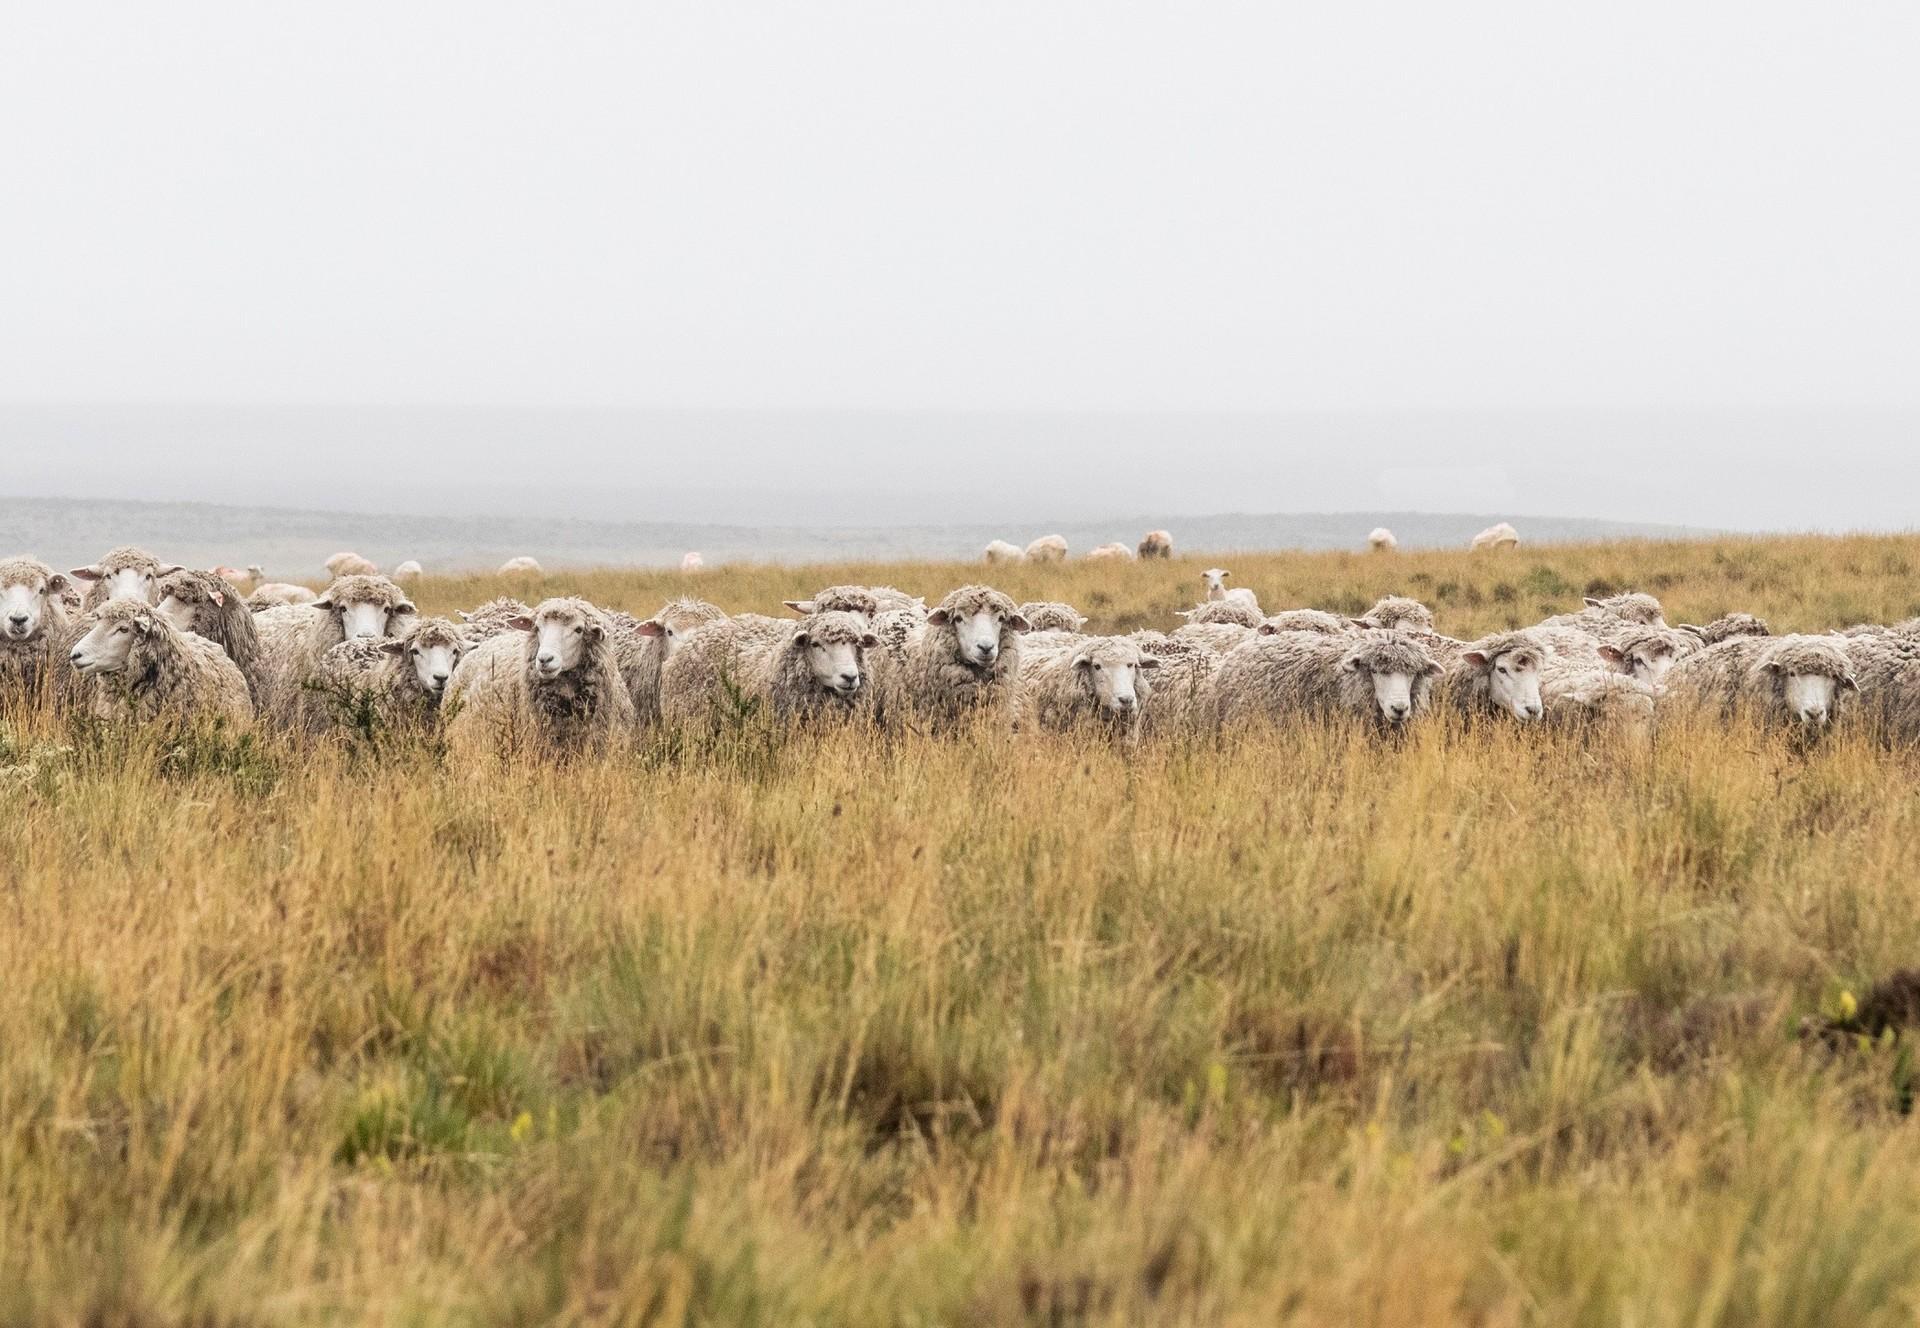 Schafe auf dem Feld